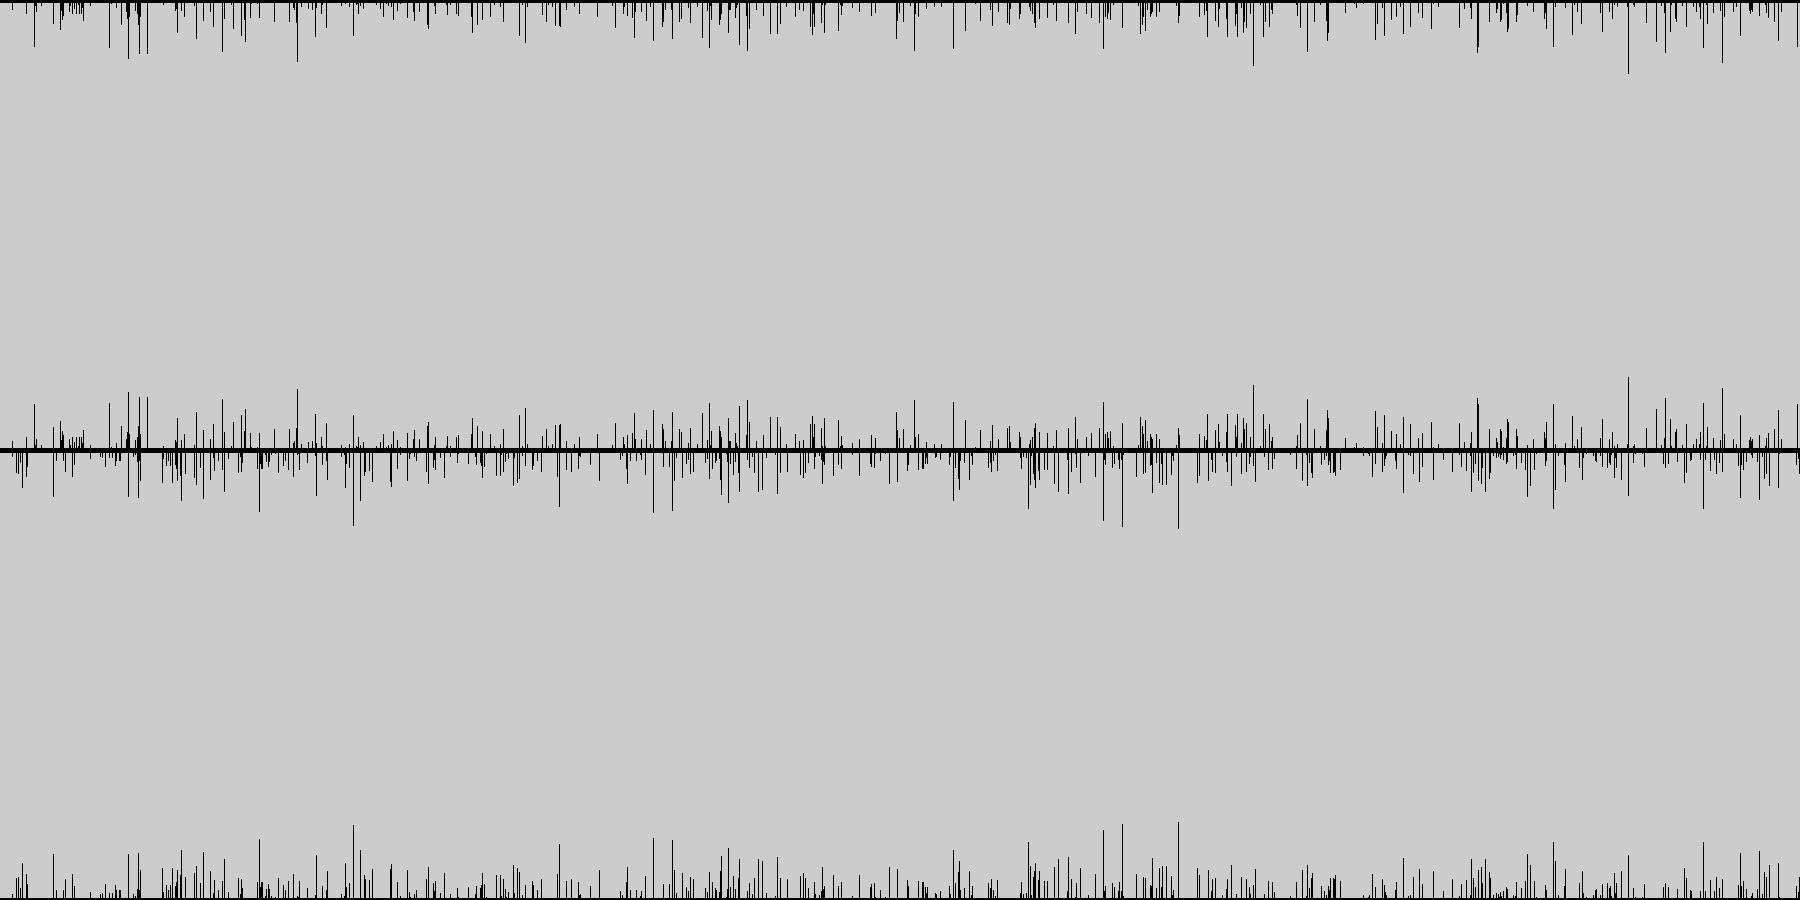 ゲーム トランス 01の未再生の波形